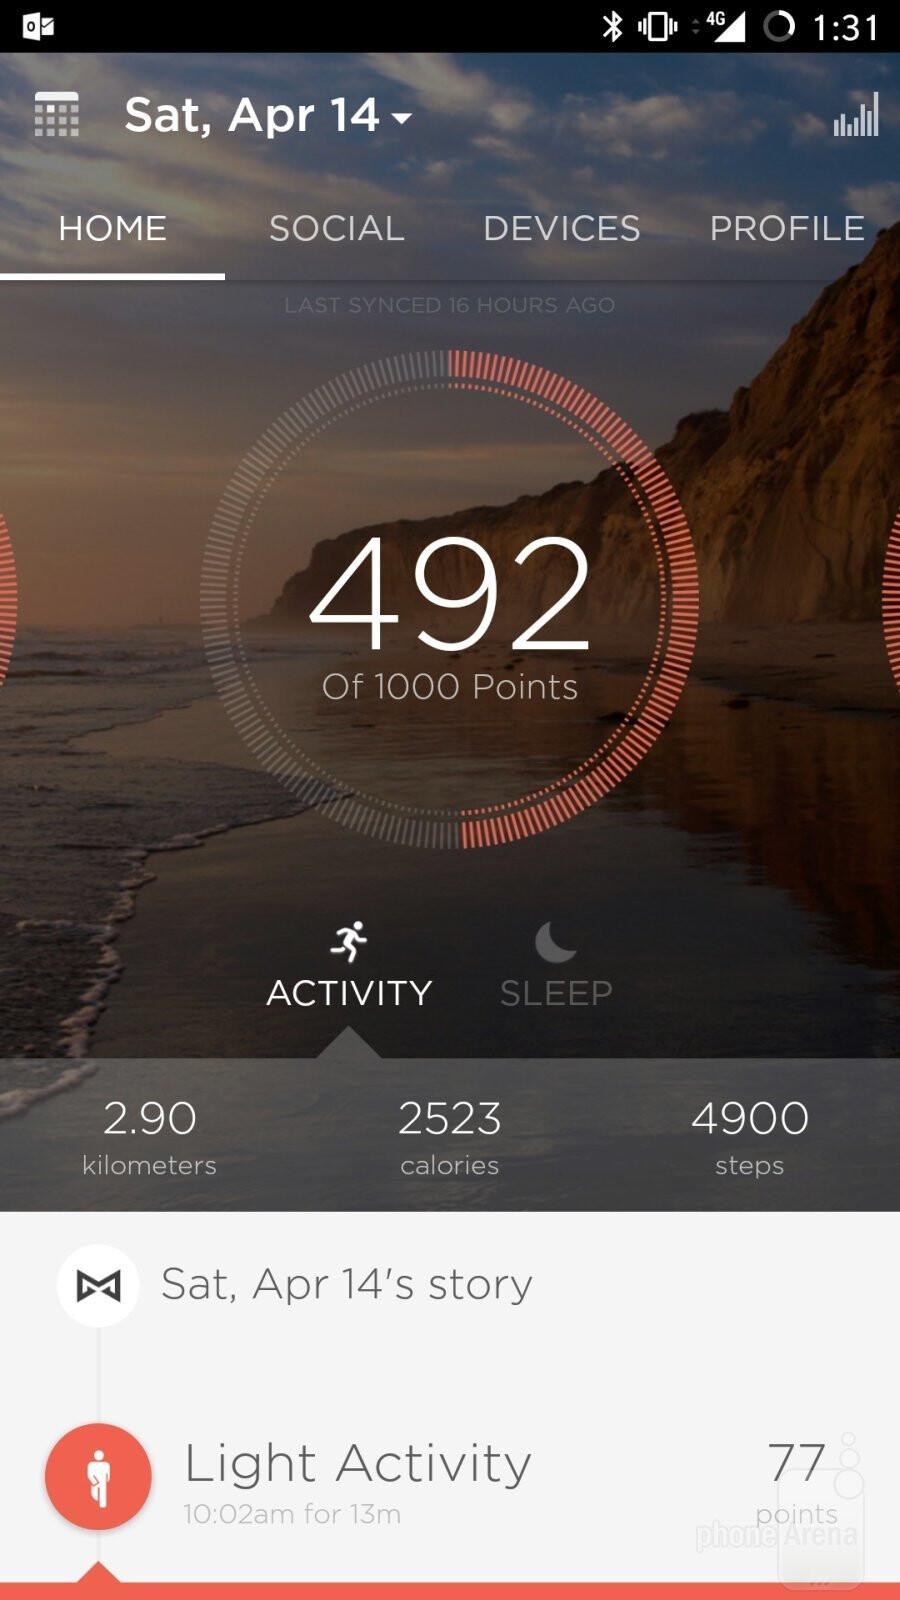 The Misfit activity phone app - Misfit Vapor smartwatch Review